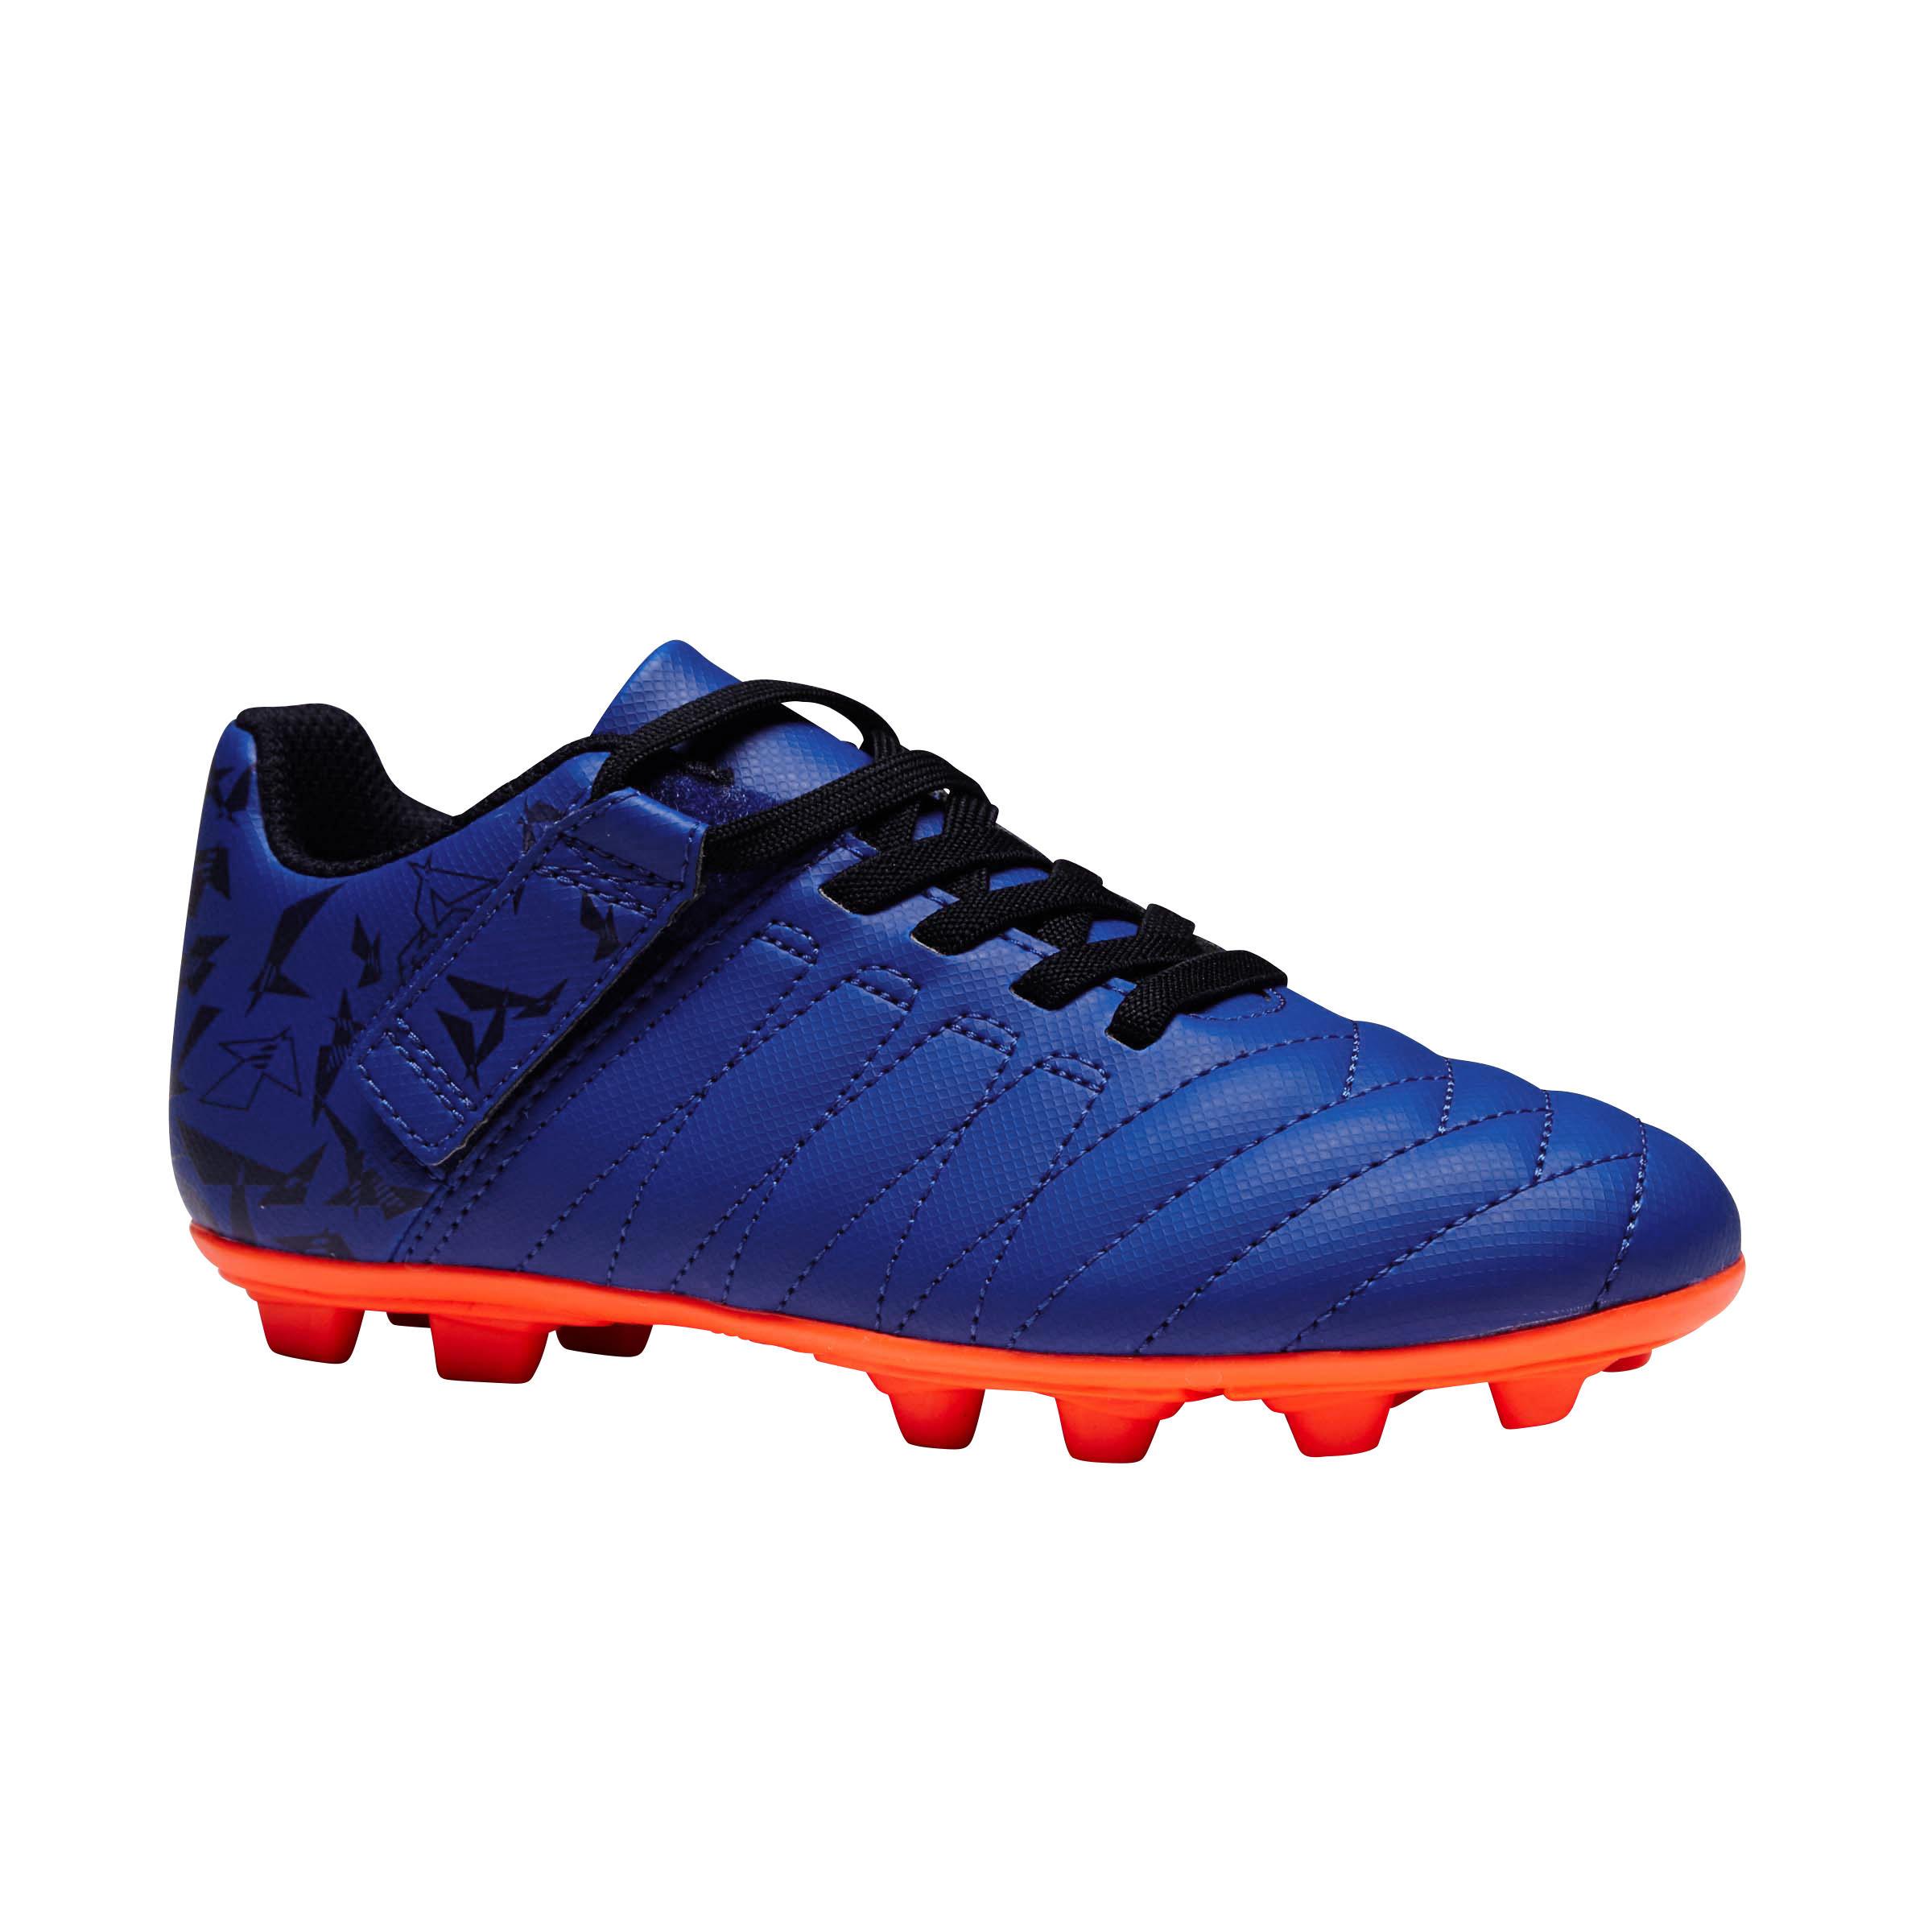 2a3ad96f11d1c Comprar Botas de Fútbol niños online